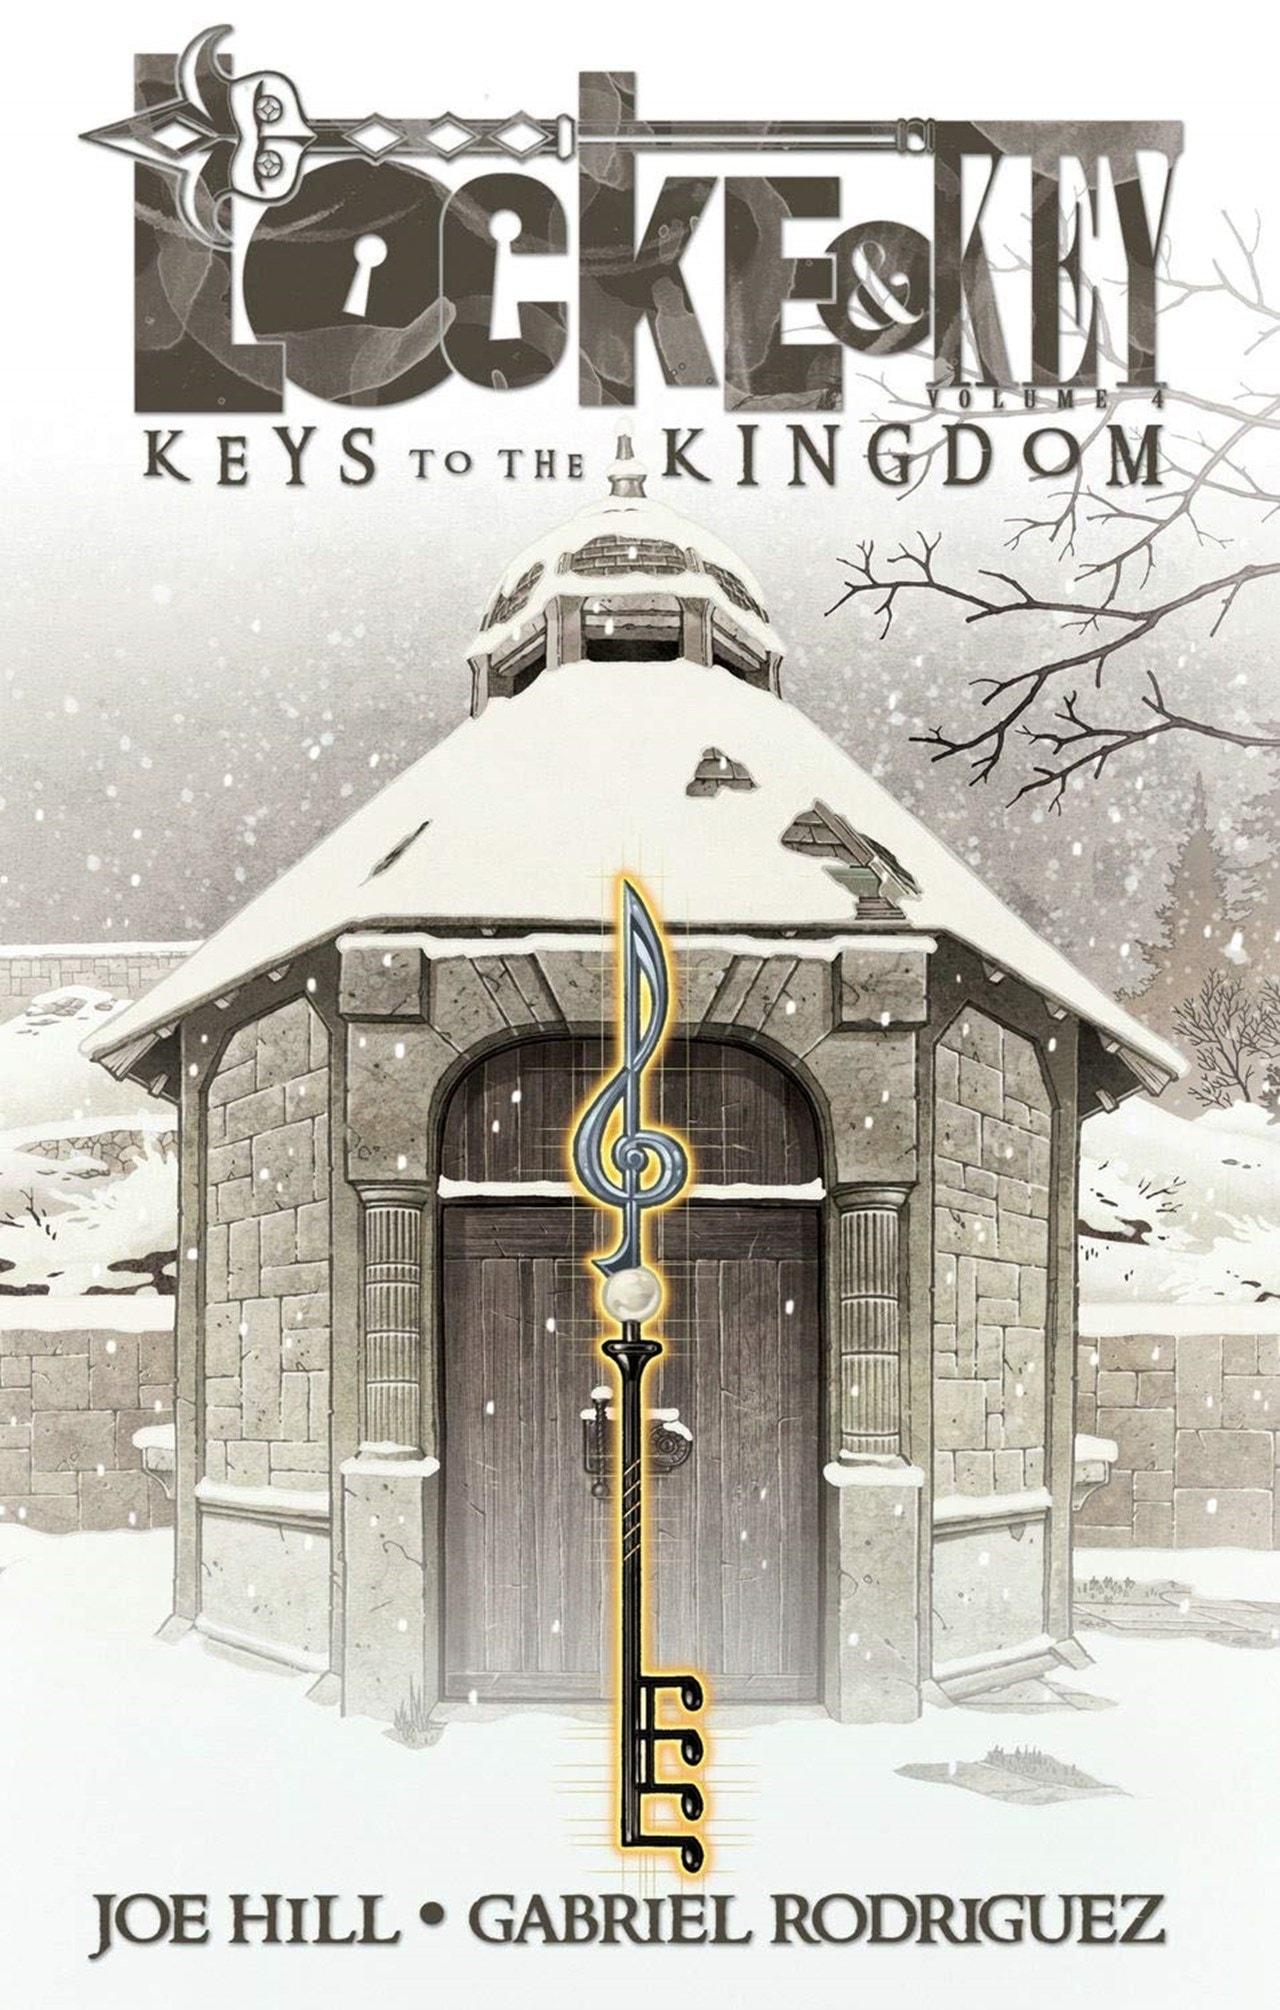 Locke & Key Vol 4: Keys To The Kingdom - 1